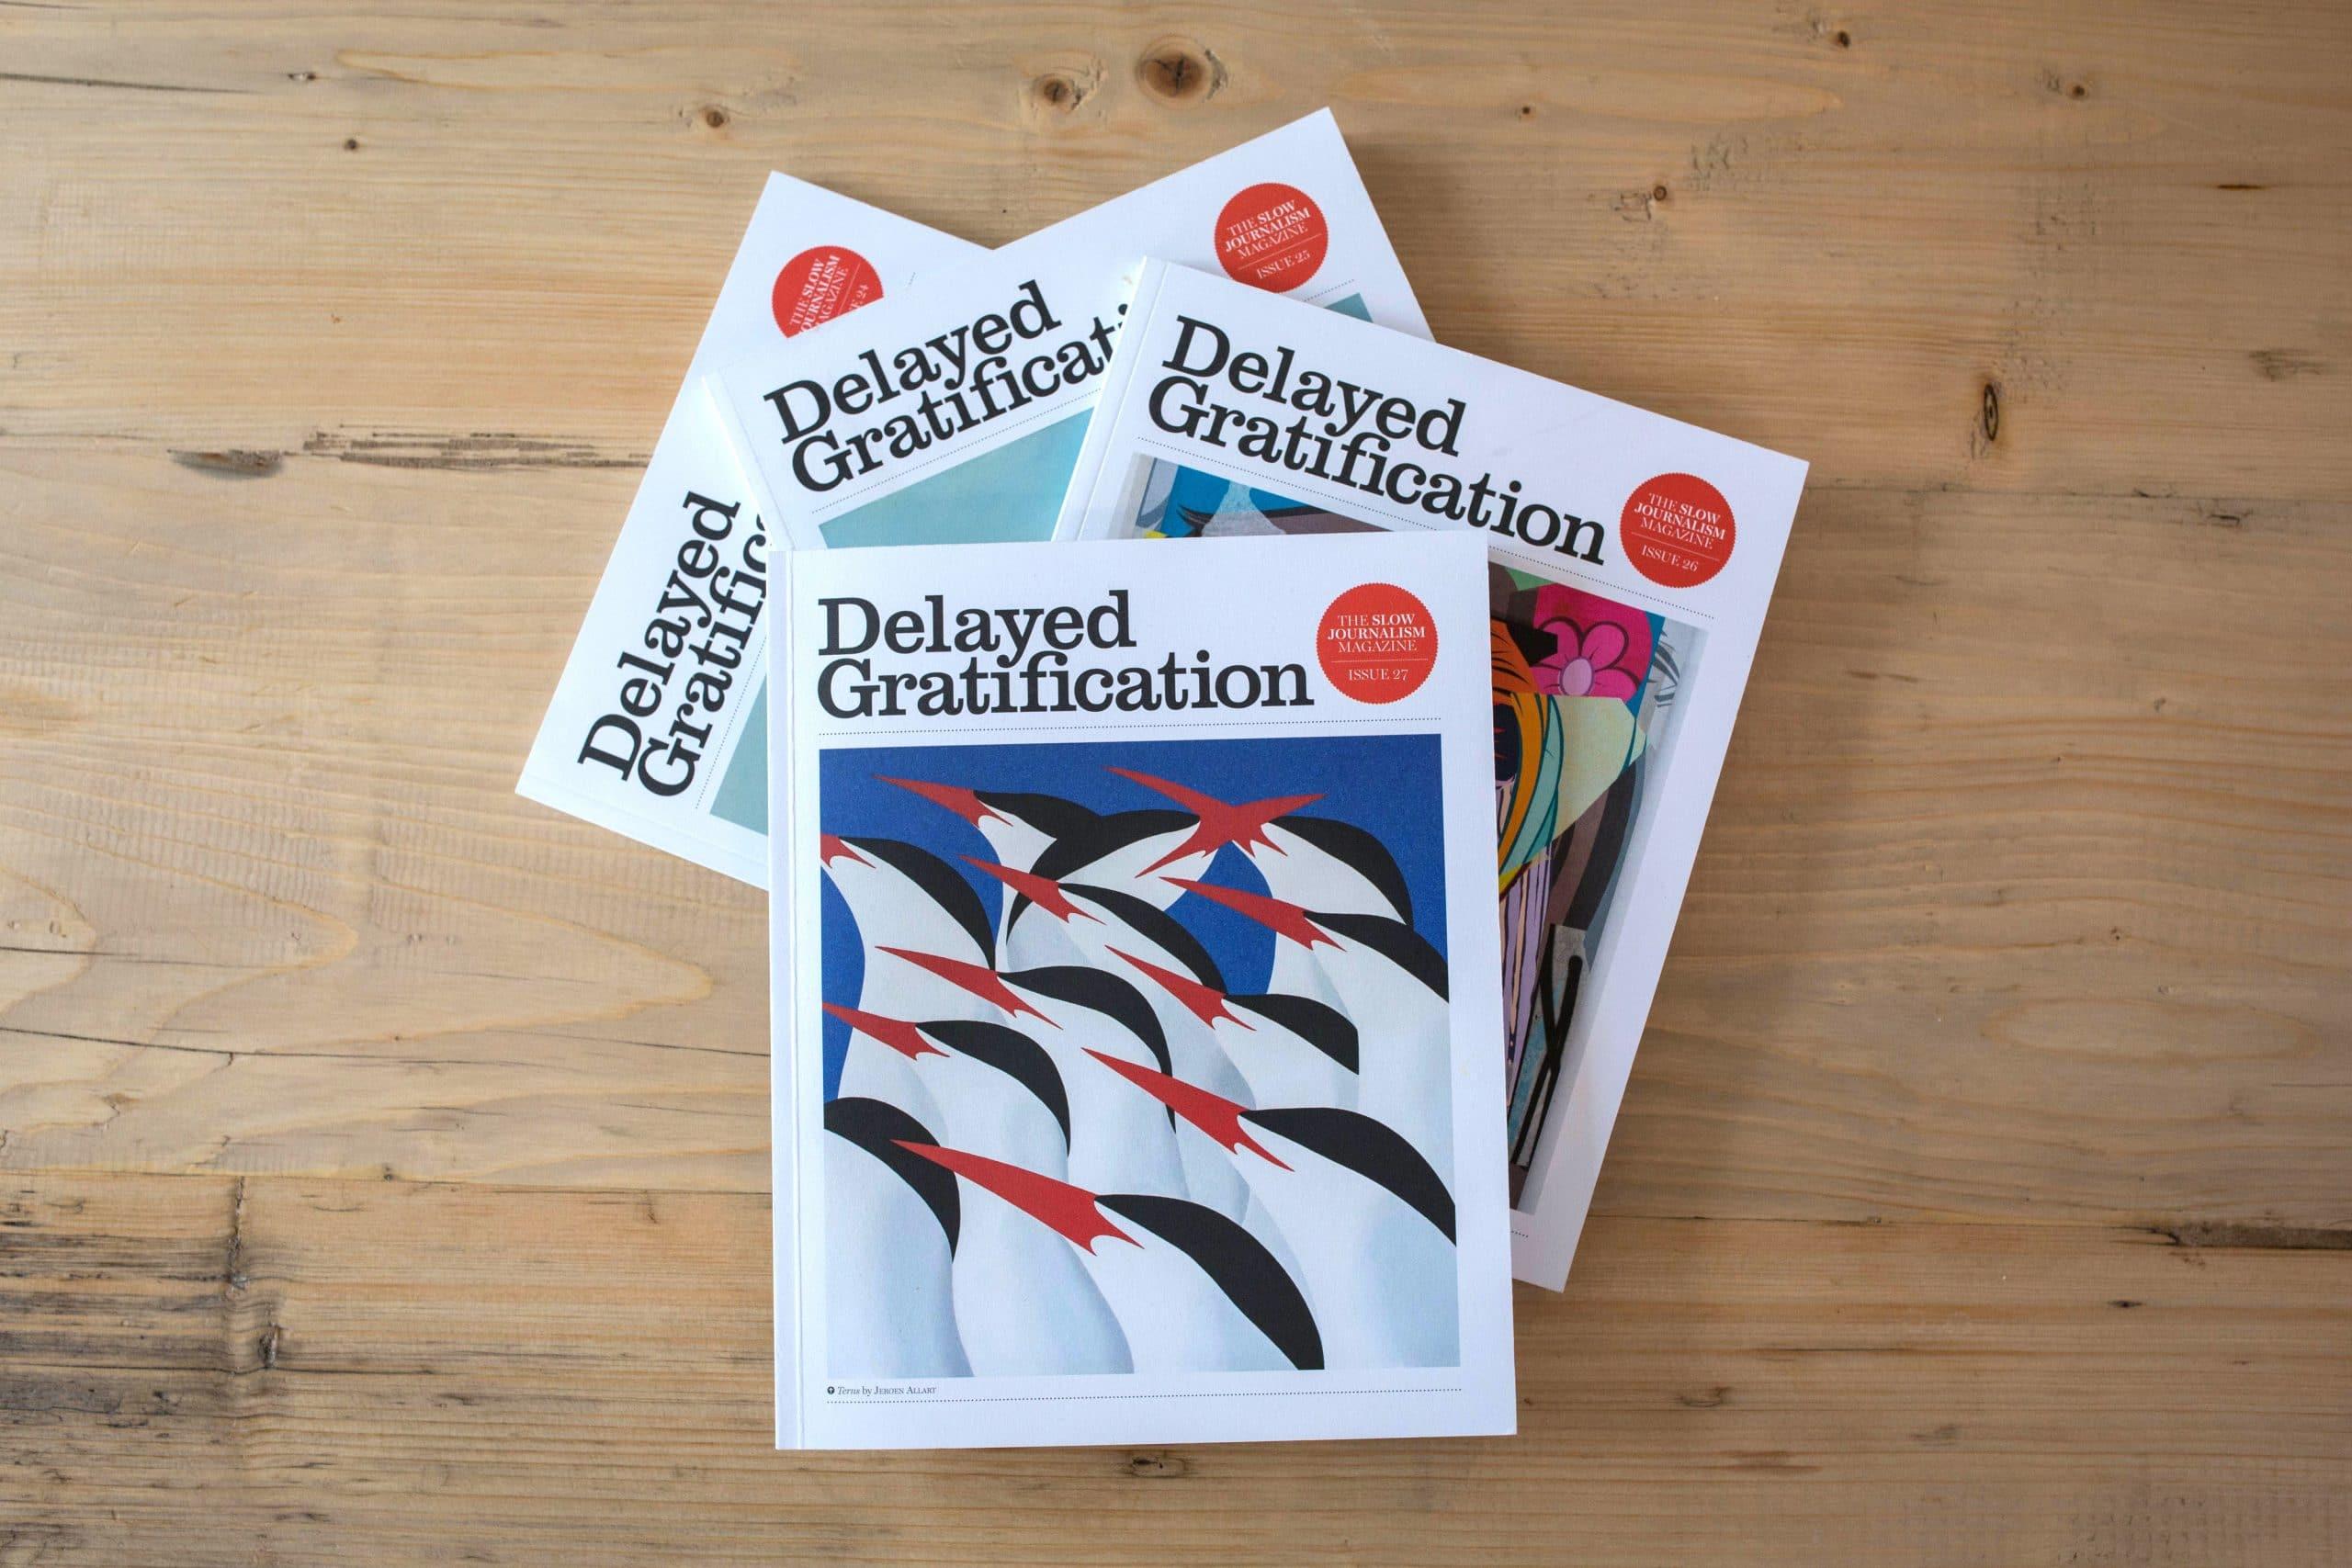 Delayed Gratification - Back issues shot